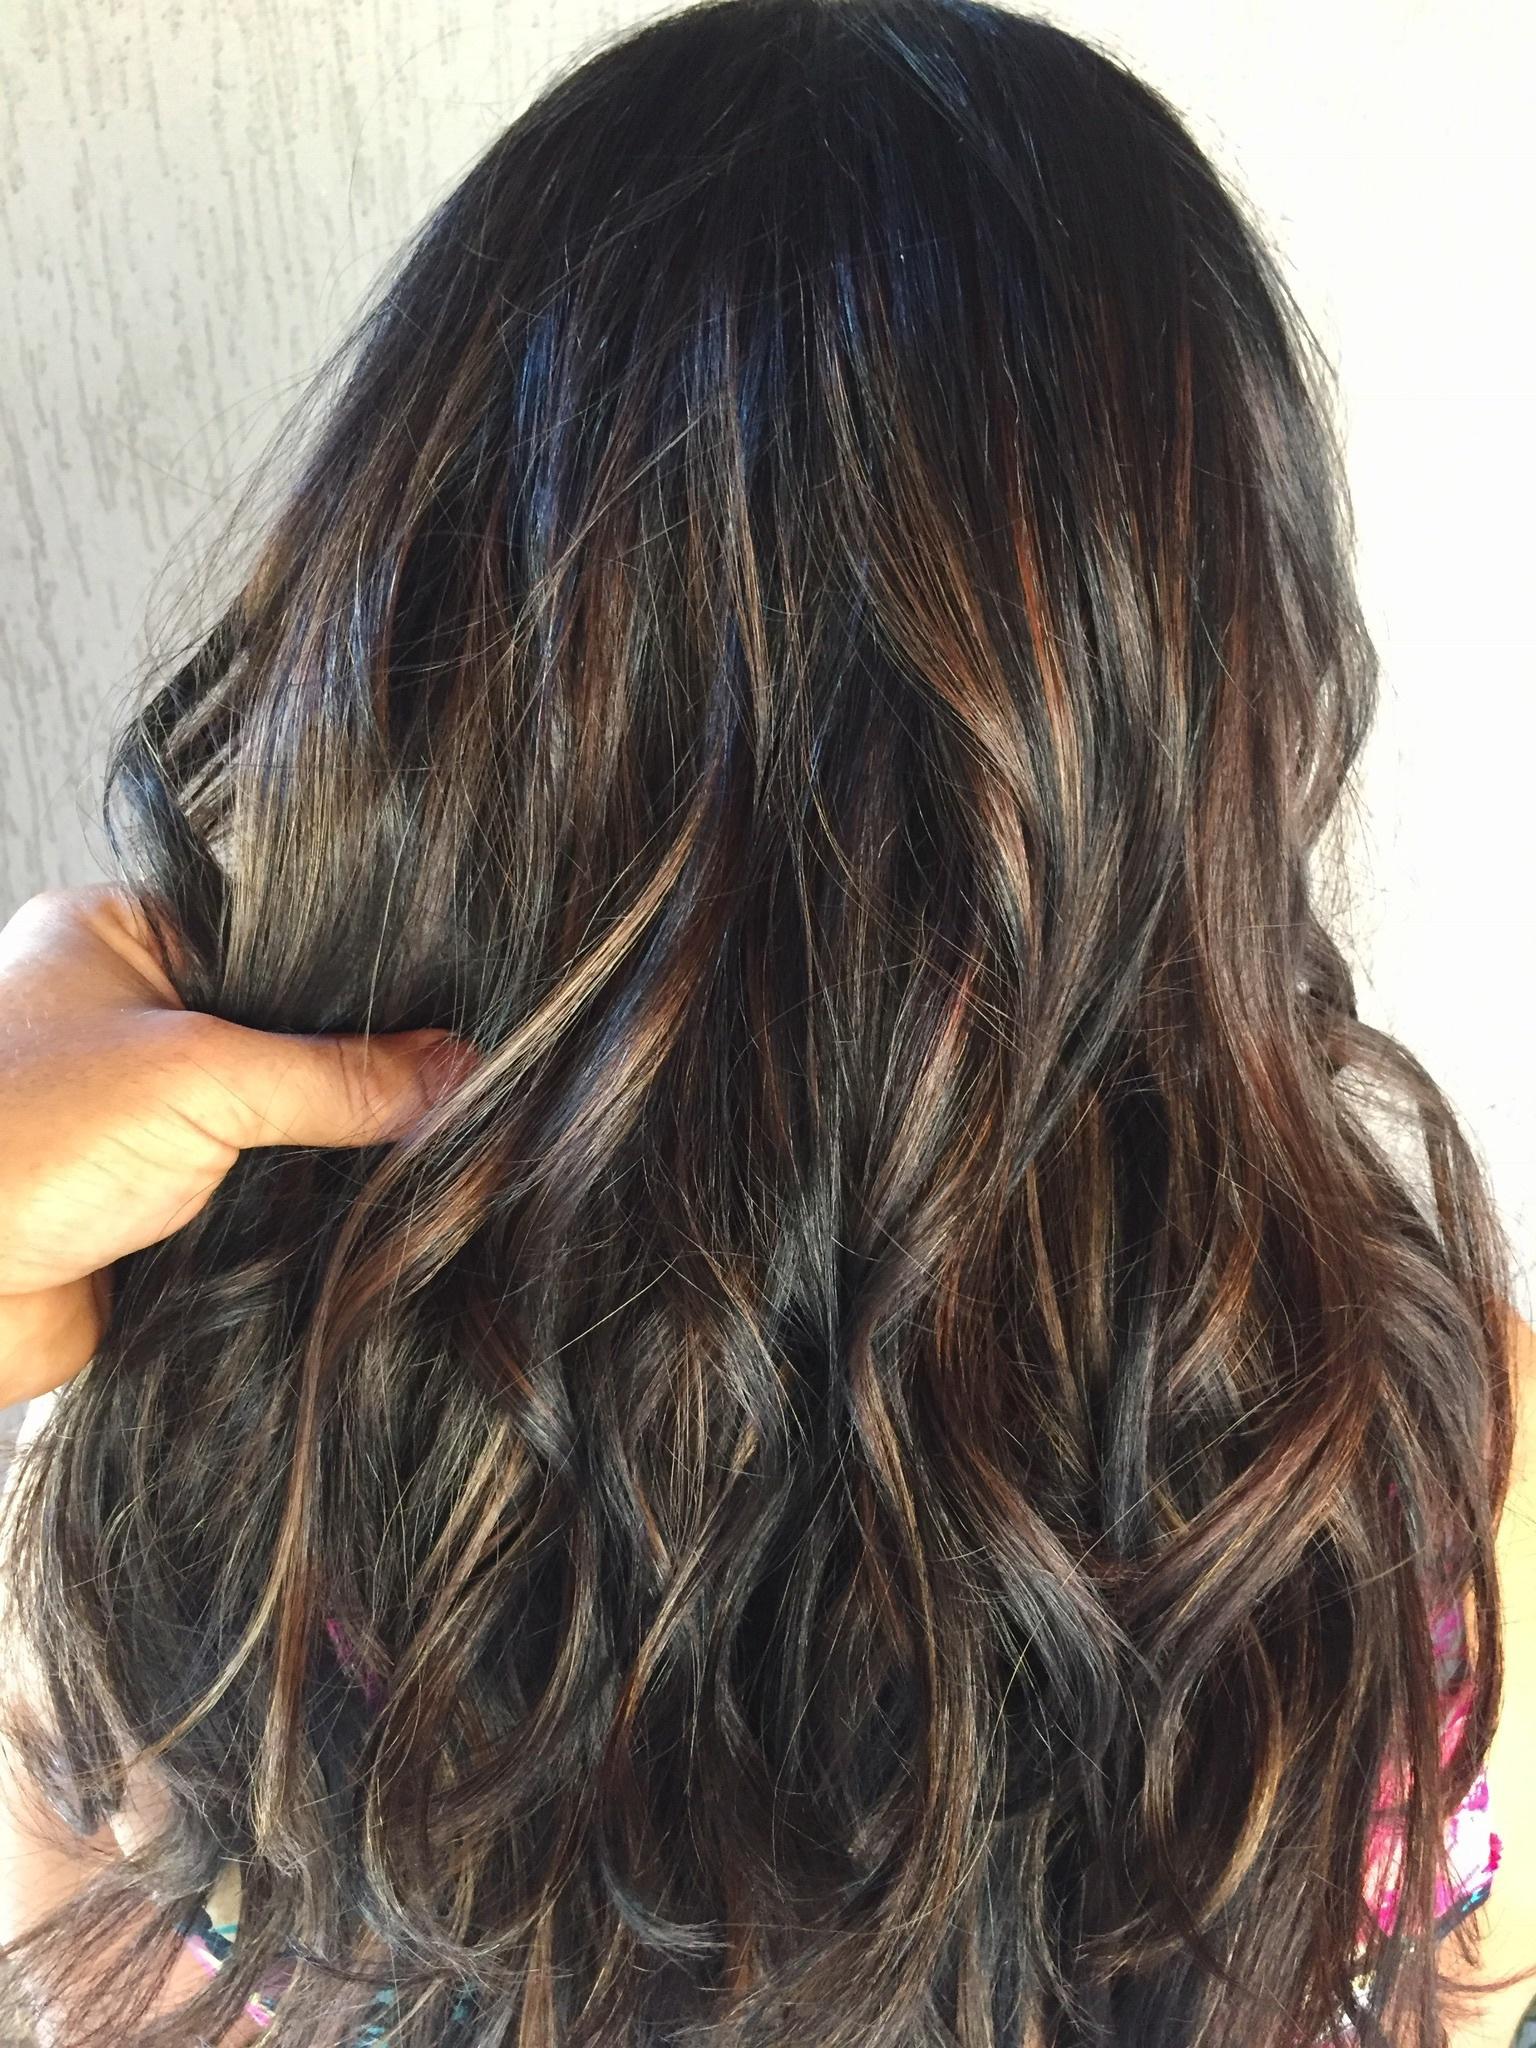 Morena iluminada. #hair #contour #mechas #ombrehair #waves #morenailuminada cabelo cabeleireiro(a)